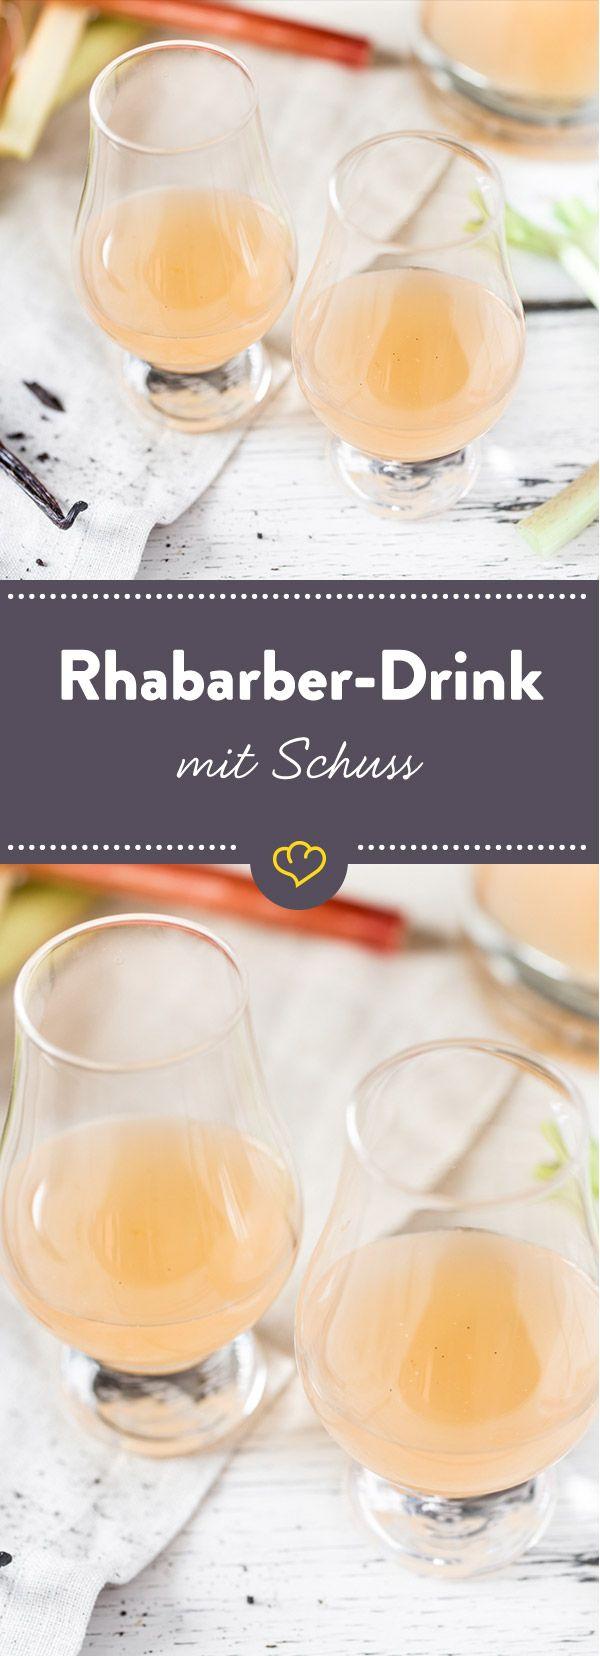 Fruchtiger Frühlings-Drink: Eingekochter Rhabarber, eine feine Vanillenote und ein Schuss Wodka - ein kleines Gläschen süßer Genuss.